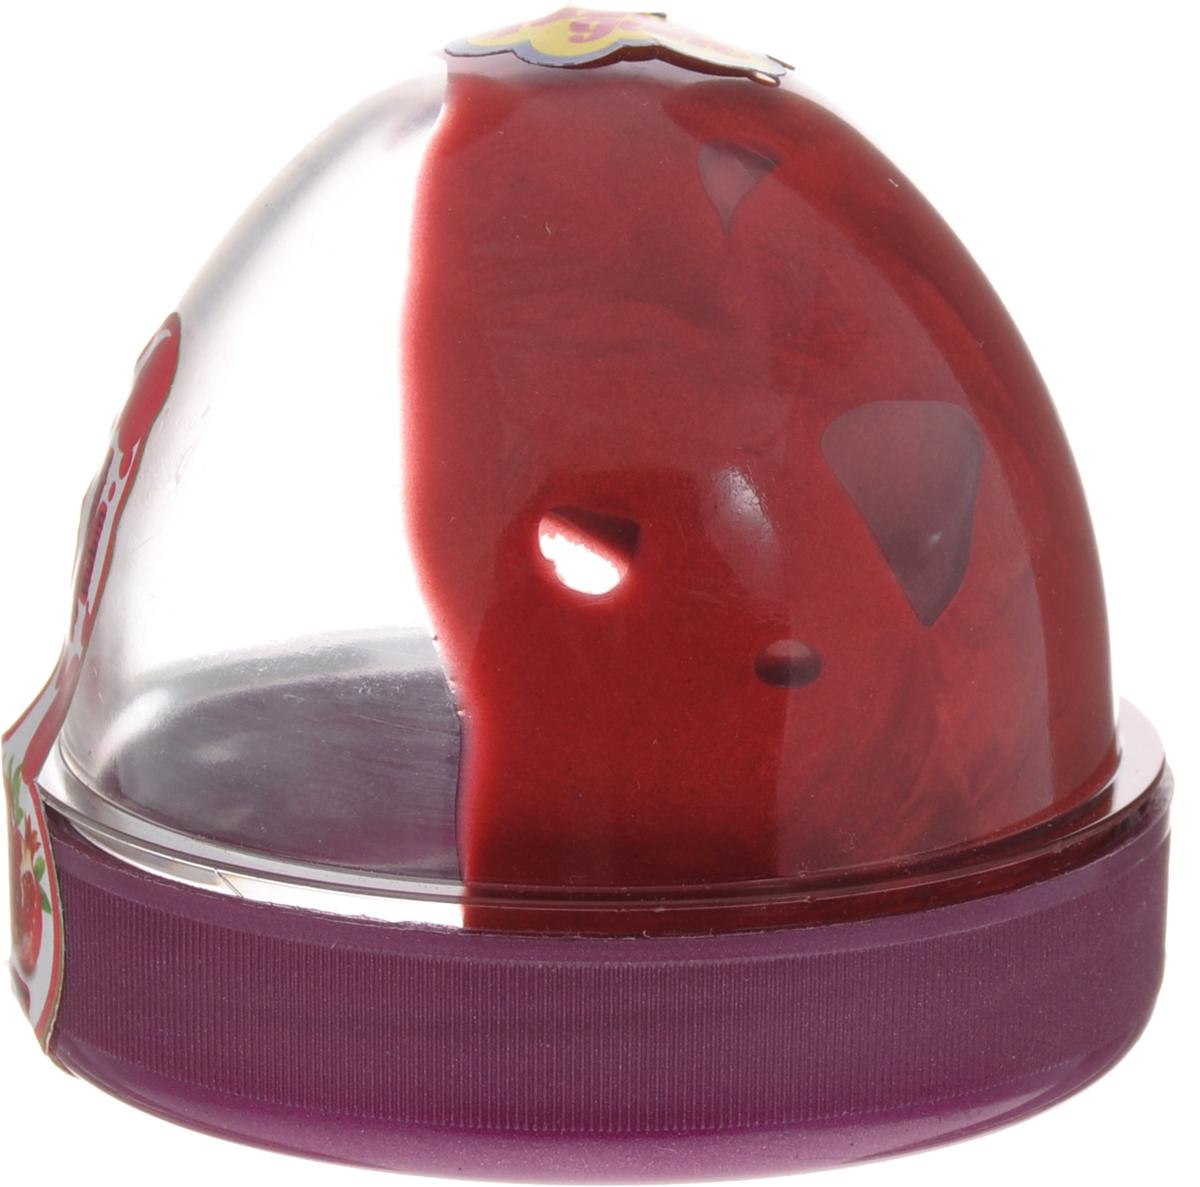 HandGum Жвачка для рук цвет рубиновый 35 г536/35Жвачка для рук HandGum с ароматом граната изготовлена из упругого, пластичного и приятного на ощупь материала, ее можно растягивать, как резину, а если сильно дернуть, то можно порвать. Из нее отлично получаются скульптуры, которые живут считанные минуты, постепенно превращаясь в лужи. Прилепите ее на дверную ручку - и она капнет, скатайте шарик и ударьте об пол - он подпрыгнет. Кубик, кстати, тоже подпрыгнет, но совсем не туда, куда ожидается.